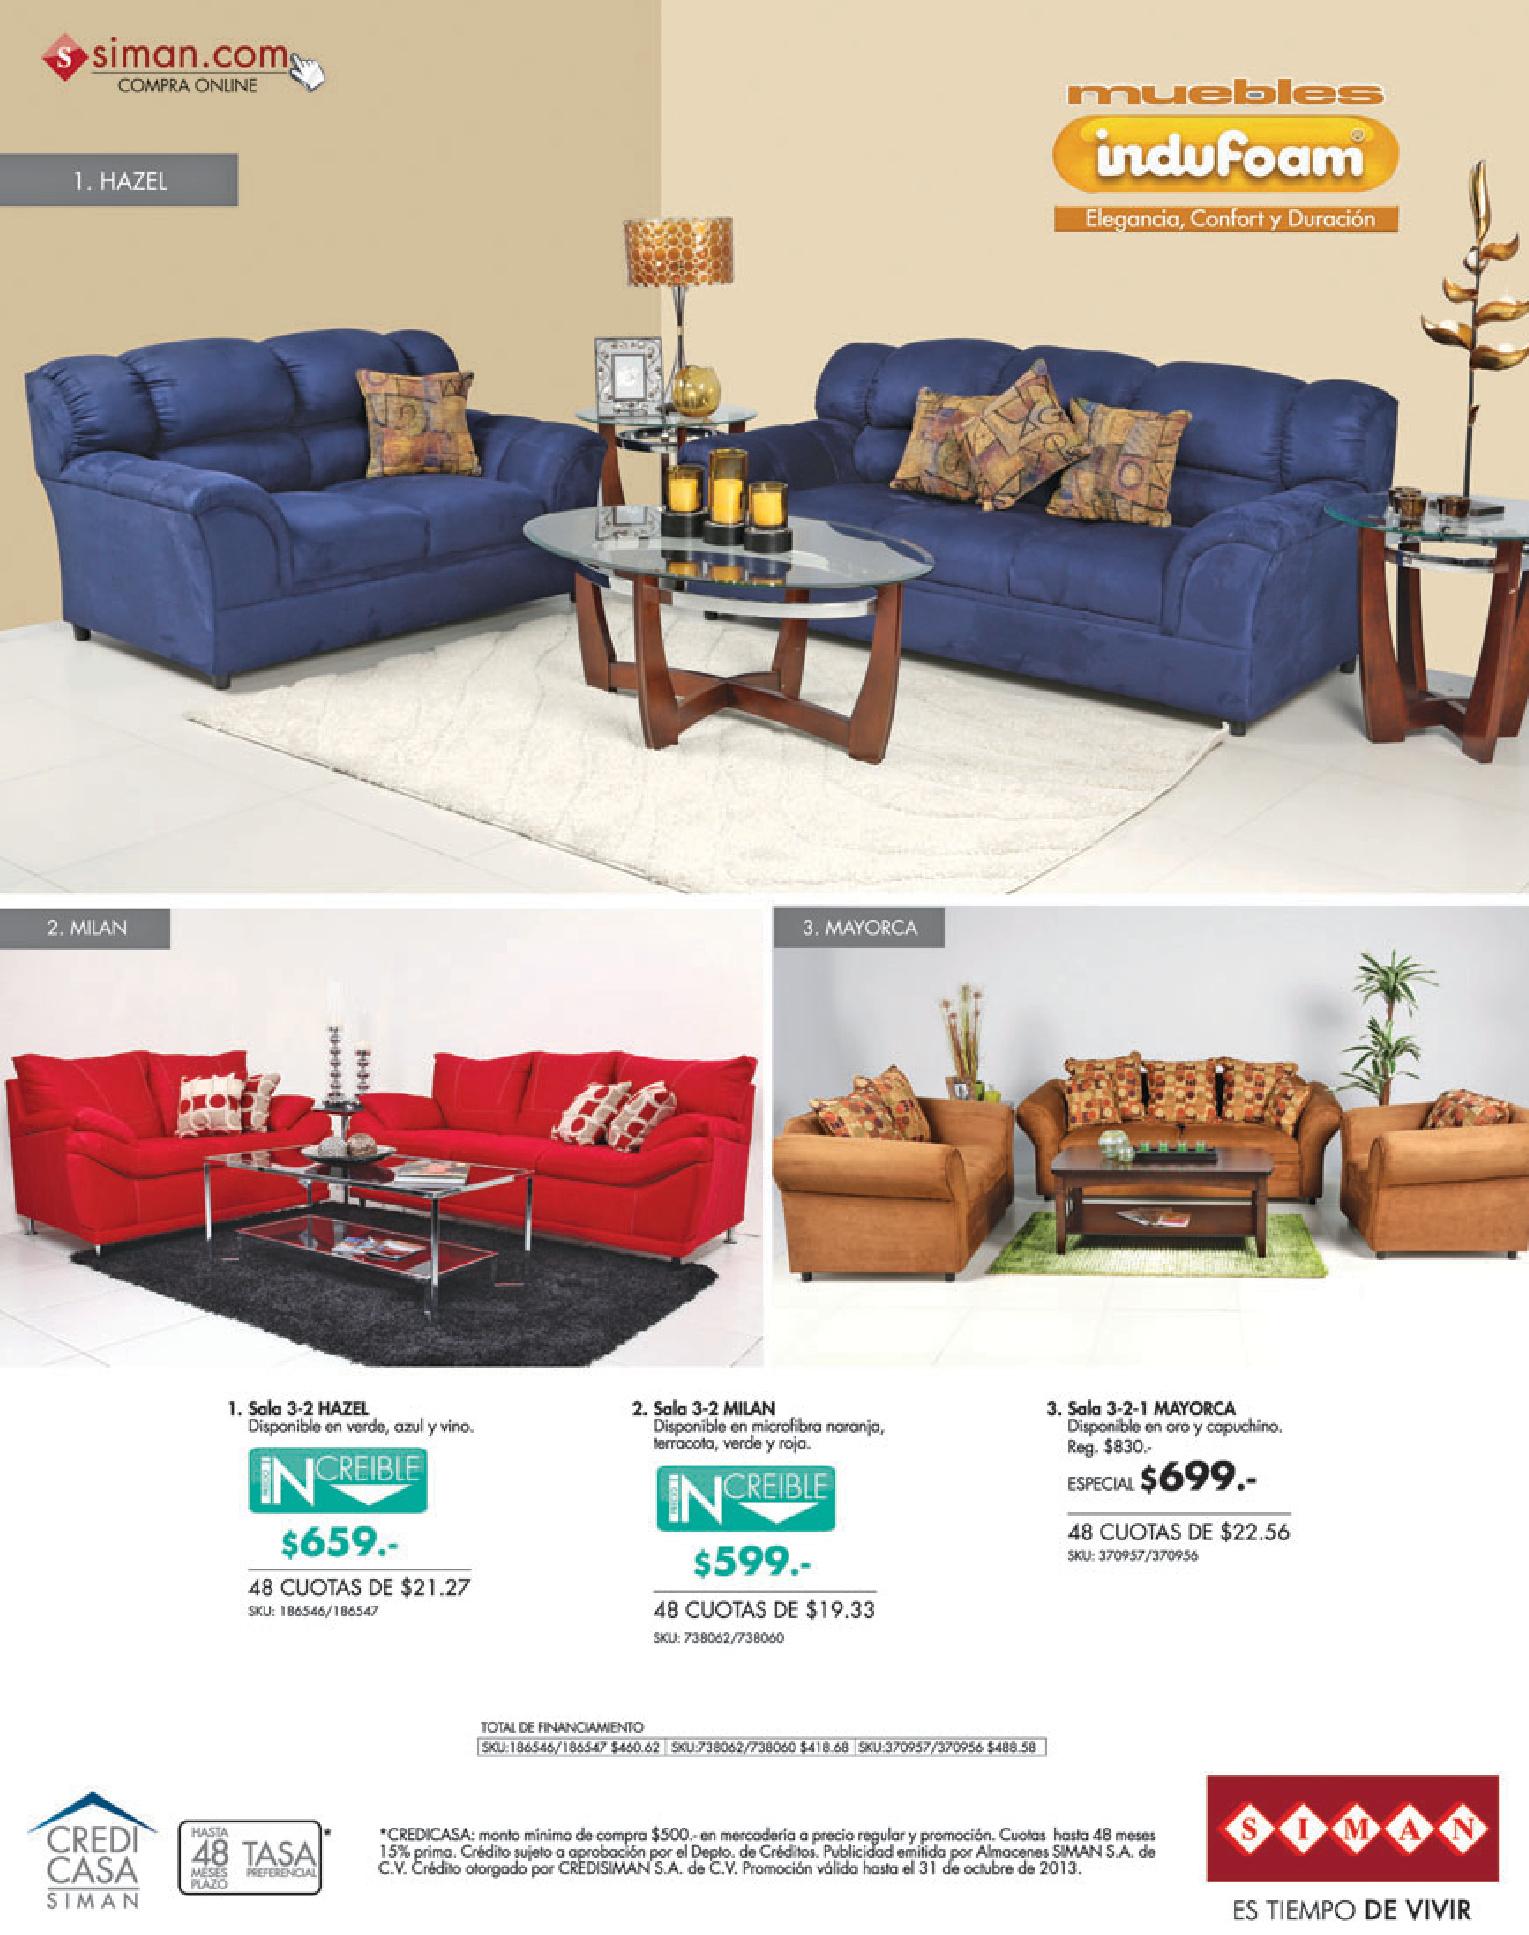 Muebles indufoam ofertas siman el salvador 10oct13 for Muebles salvador